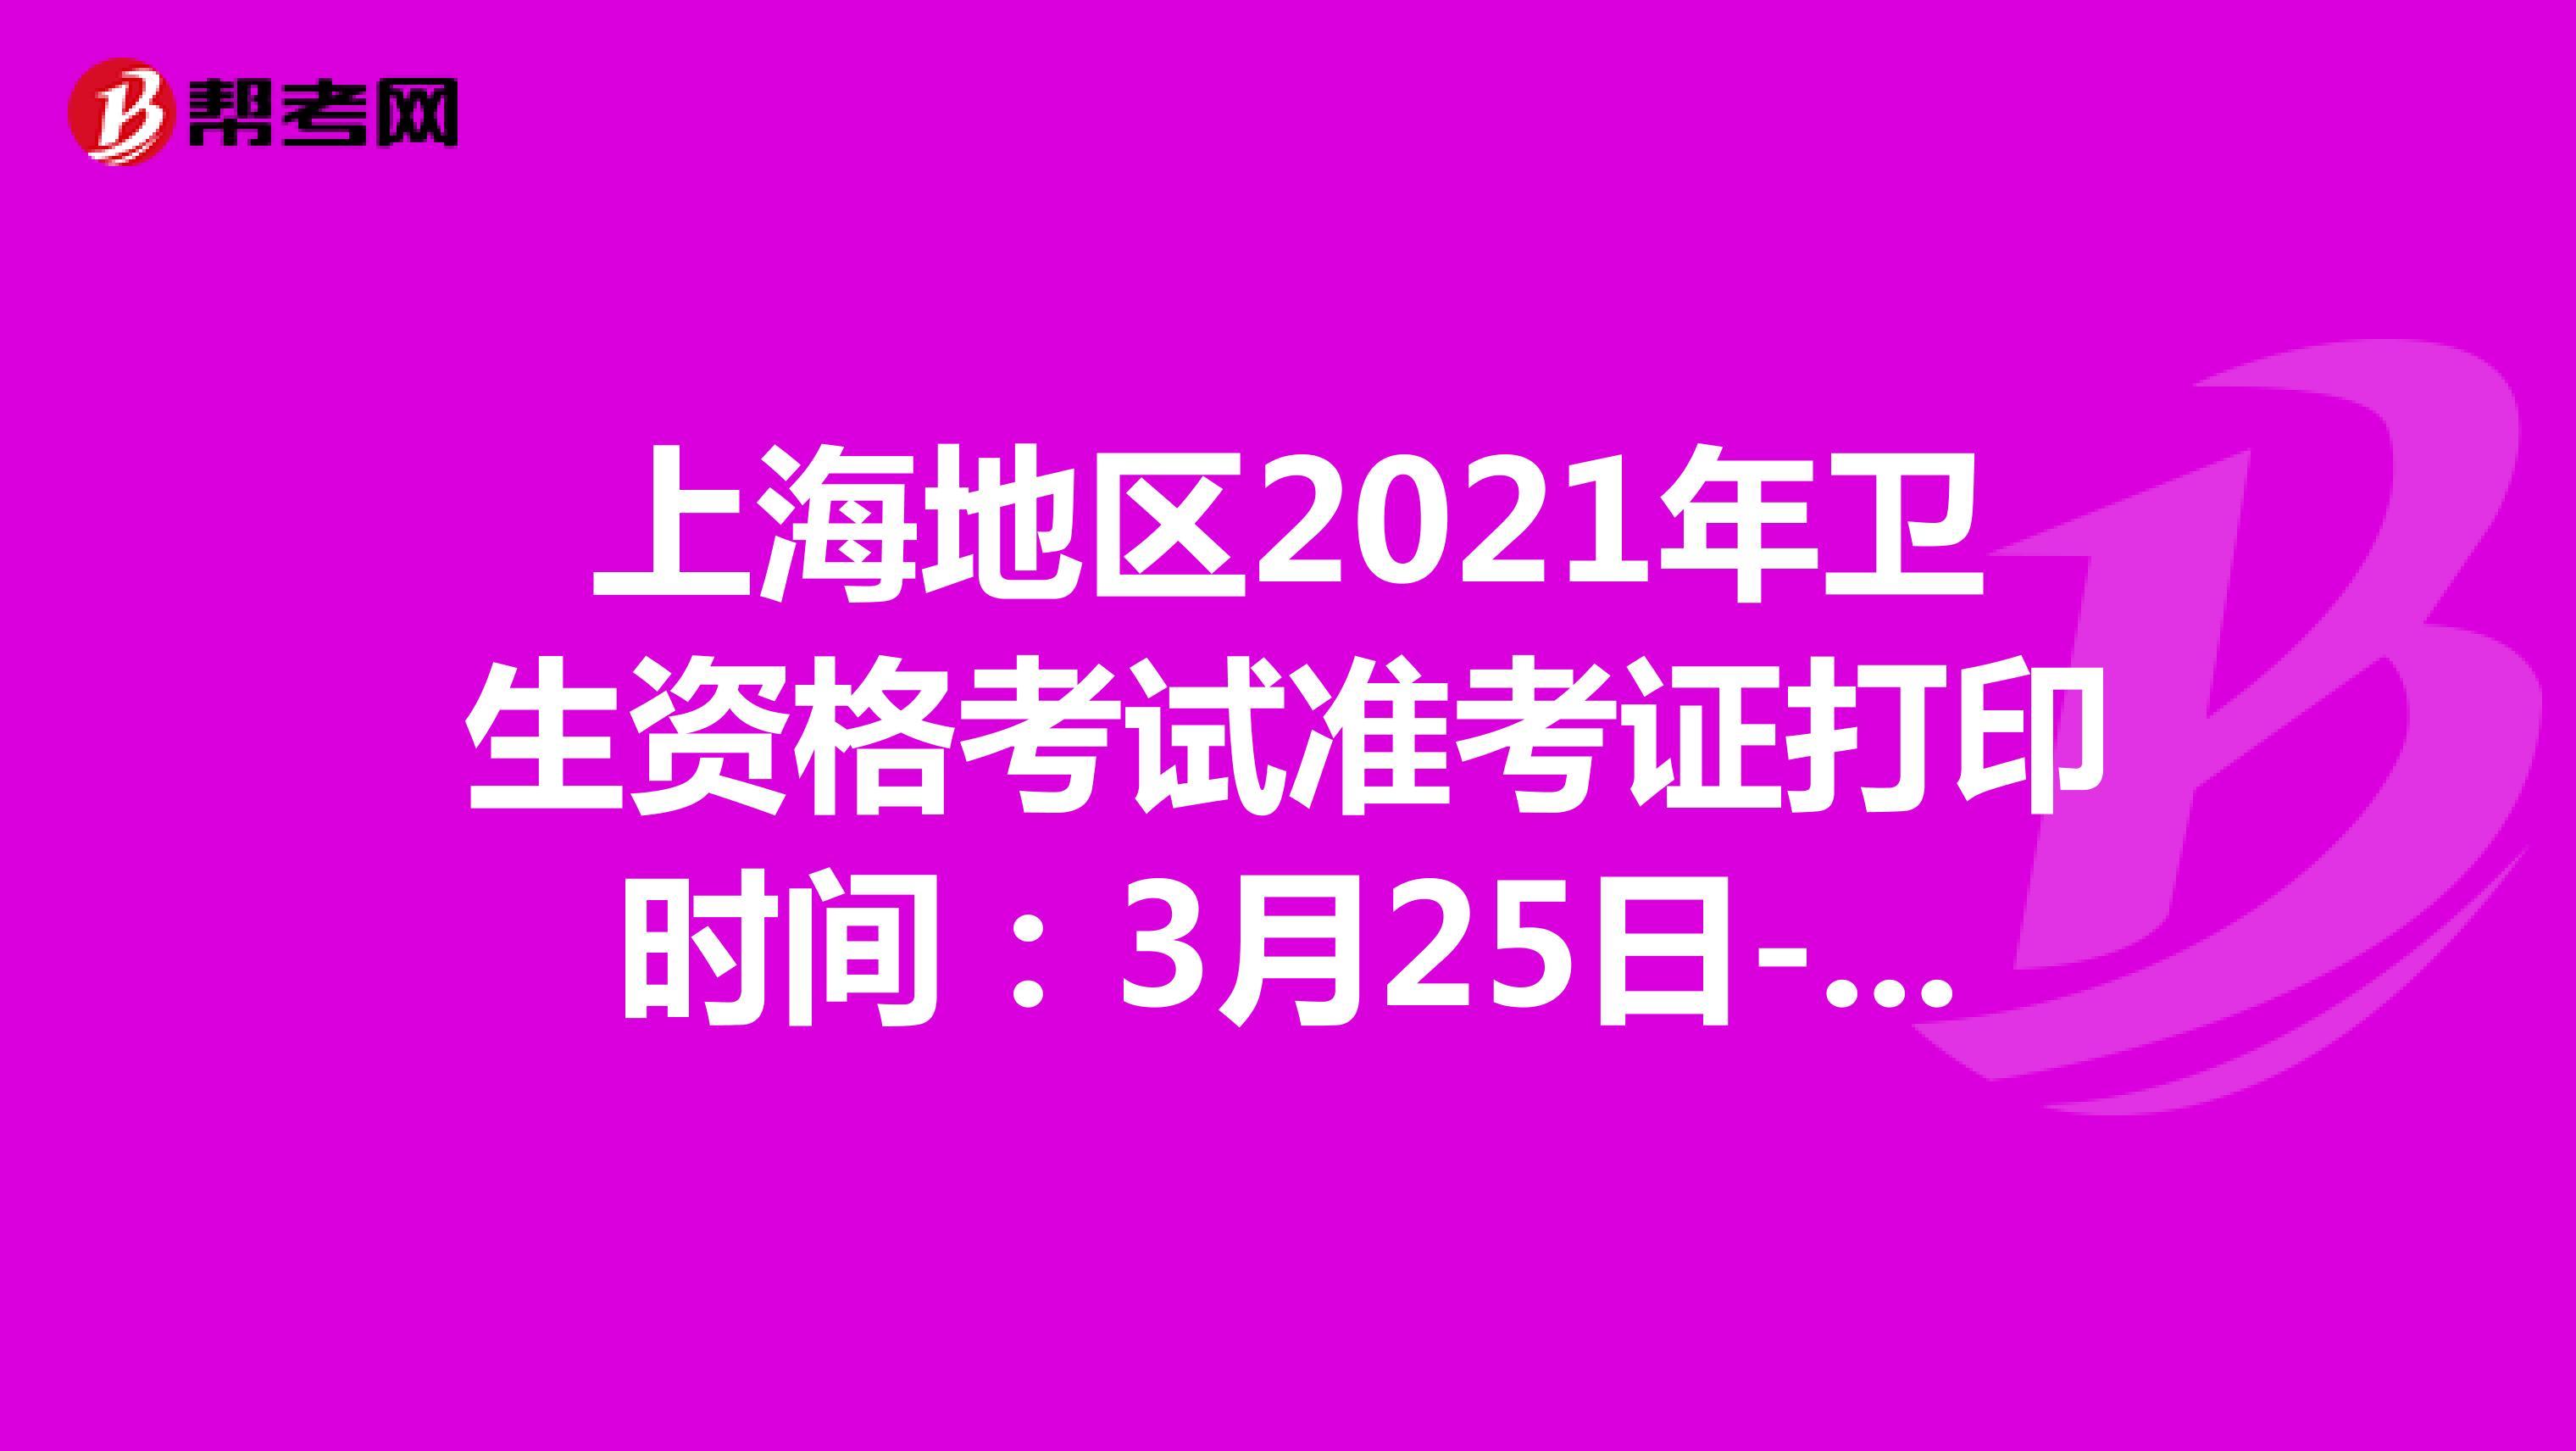 上海地區2021年衛生資格考試準考證打印時間:3月25日-4月18日